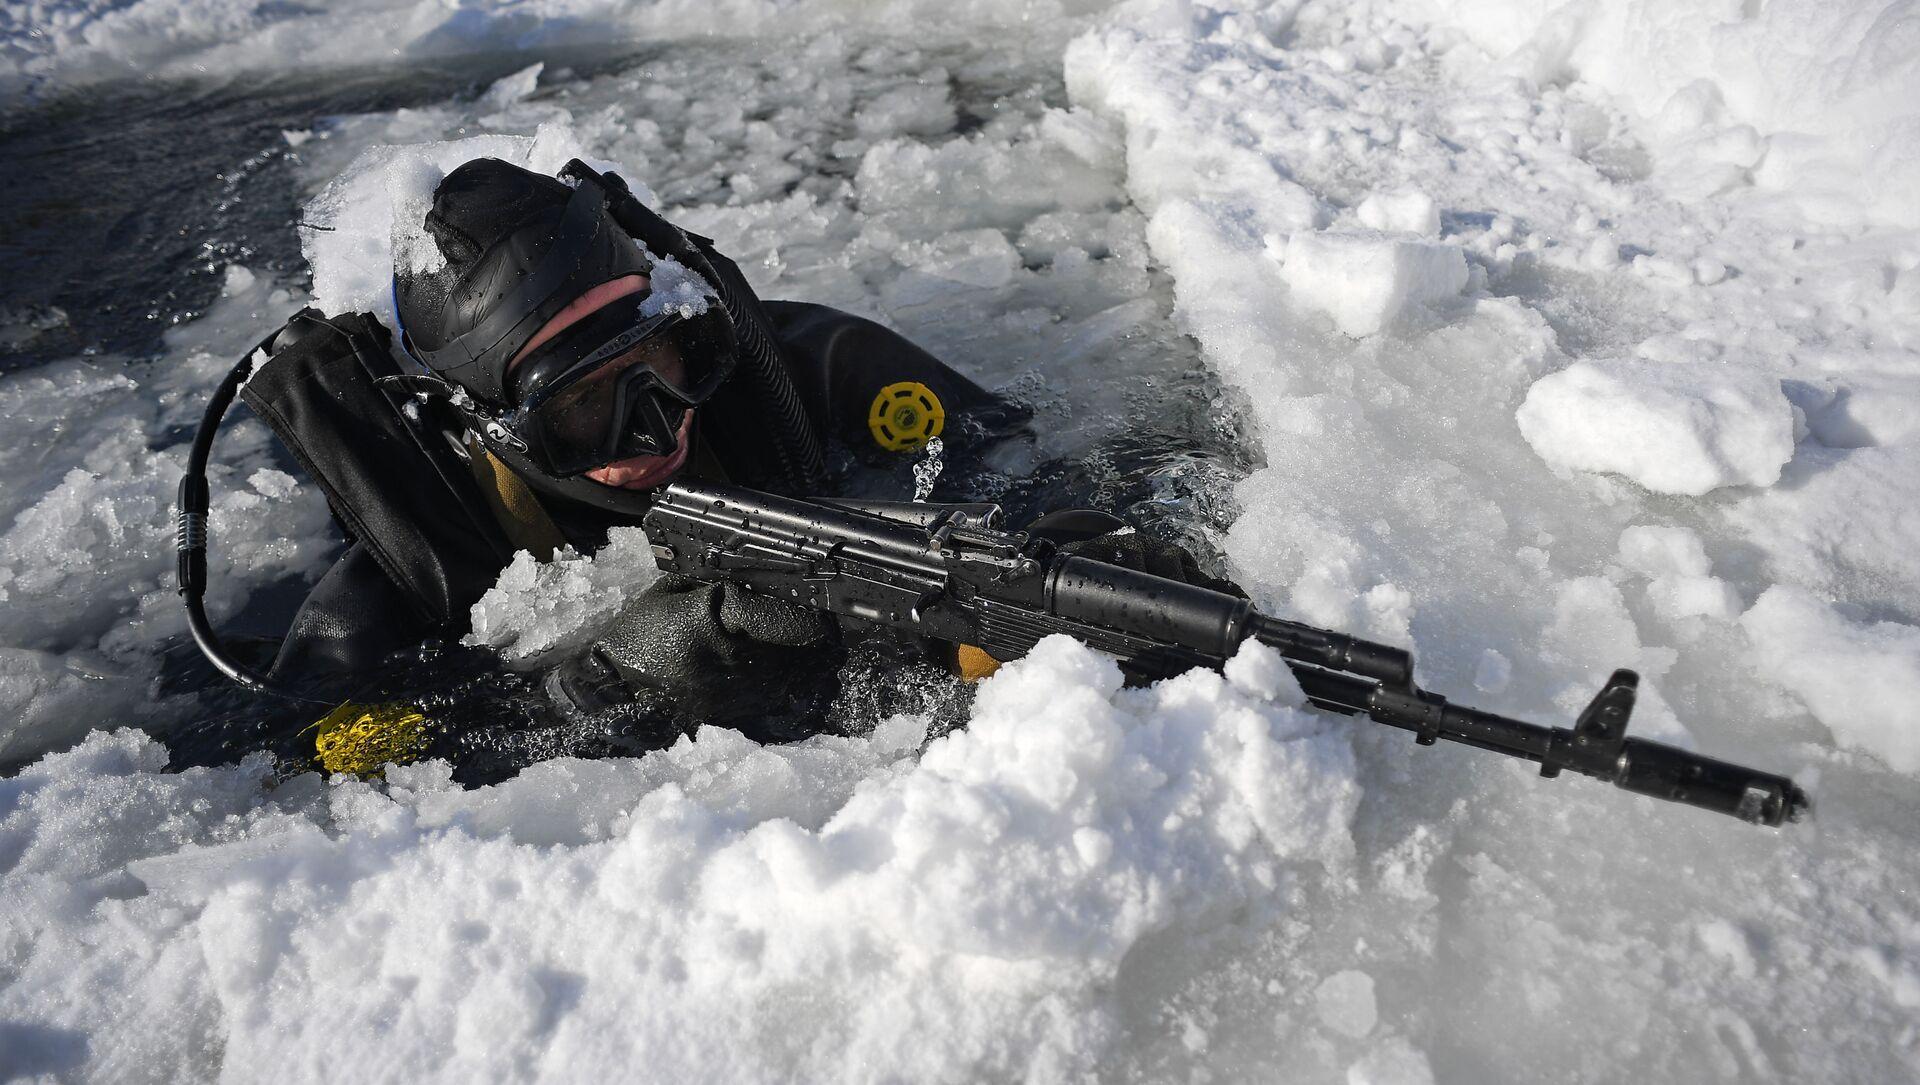 Bajo agua y hielo: así se entrenan los submarinistas de la Guardia Nacional de Rusia - Sputnik Mundo, 1920, 09.03.2018